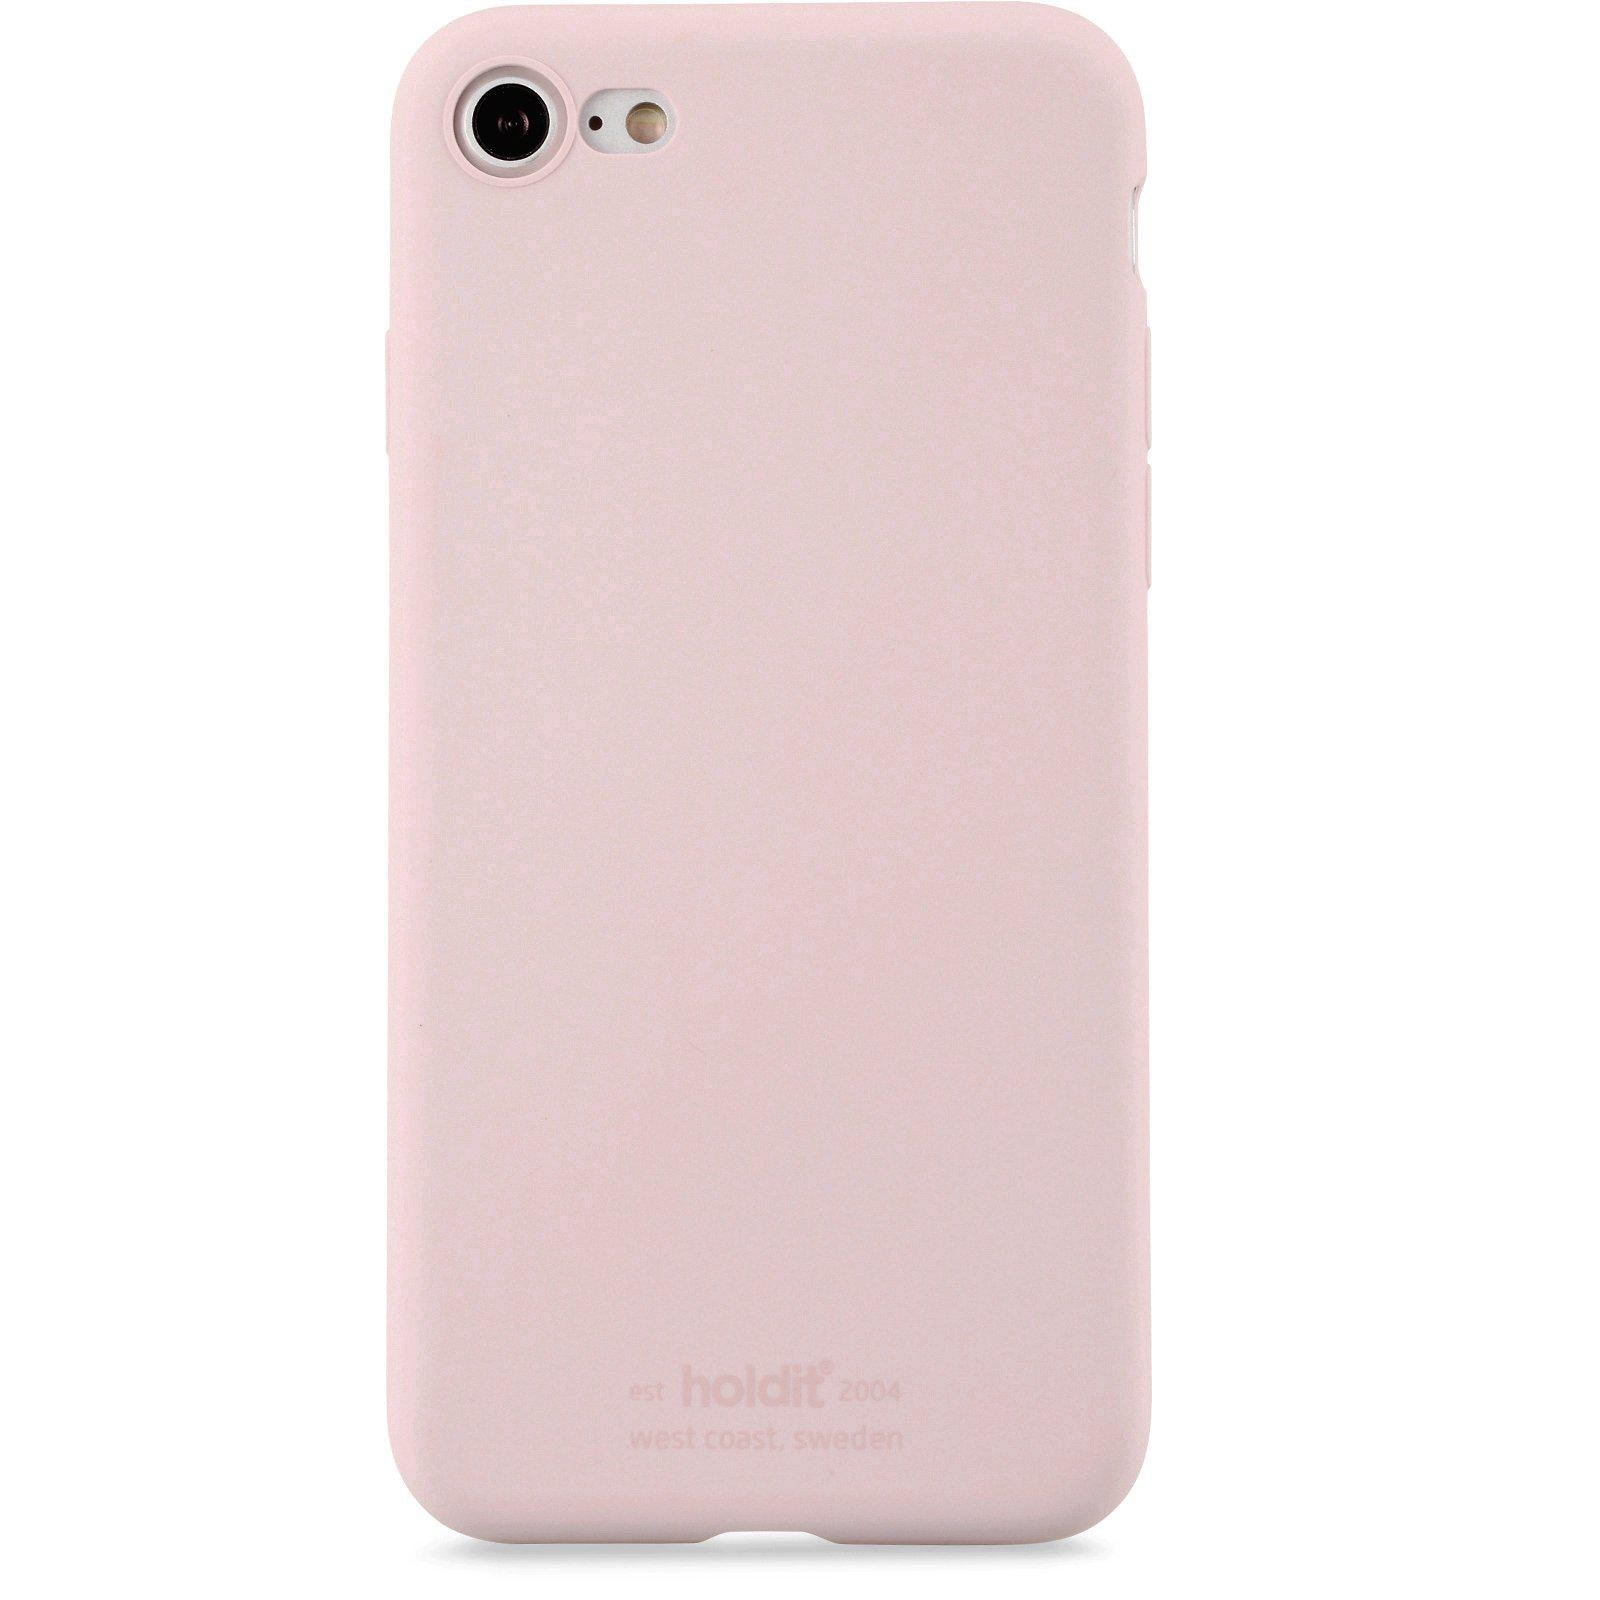 Silikonikuori iPhone 7/8/SE 2020 Blush Pink